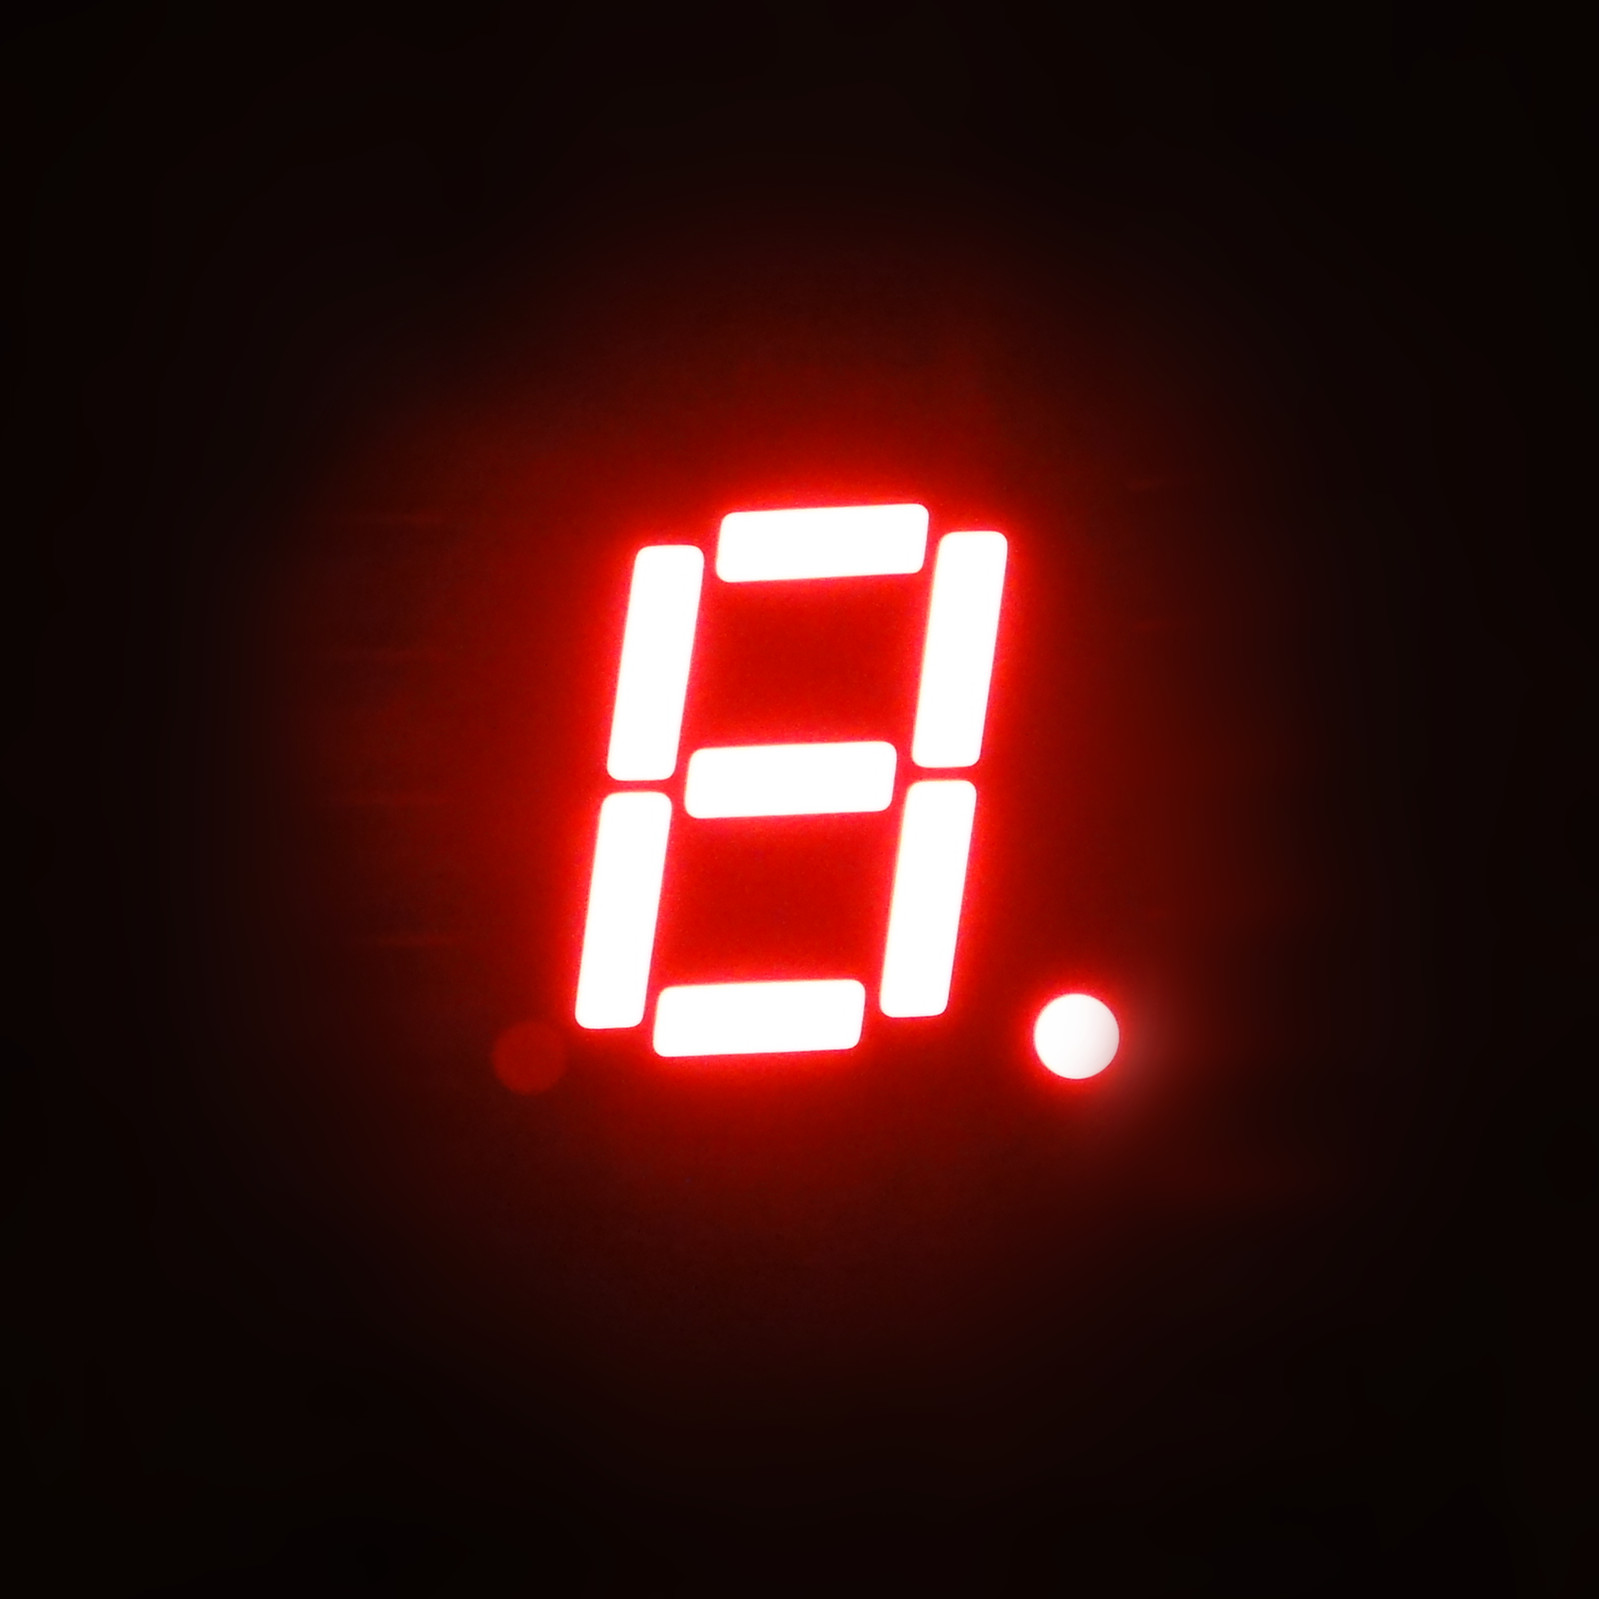 Koop Nieuw LED-display met zeven segmenten, enkelcijferig 0,32 inch 1-cijferig LED-display met 7 segmenten. Nieuw LED-display met zeven segmenten, enkelcijferig 0,32 inch 1-cijferig LED-display met 7 segmenten Prijzen. Nieuw LED-display met zeven segmenten, enkelcijferig 0,32 inch 1-cijferig LED-display met 7 segmenten Brands. Nieuw LED-display met zeven segmenten, enkelcijferig 0,32 inch 1-cijferig LED-display met 7 segmenten Fabrikant. Nieuw LED-display met zeven segmenten, enkelcijferig 0,32 inch 1-cijferig LED-display met 7 segmenten Quotes. Nieuw LED-display met zeven segmenten, enkelcijferig 0,32 inch 1-cijferig LED-display met 7 segmenten Company.